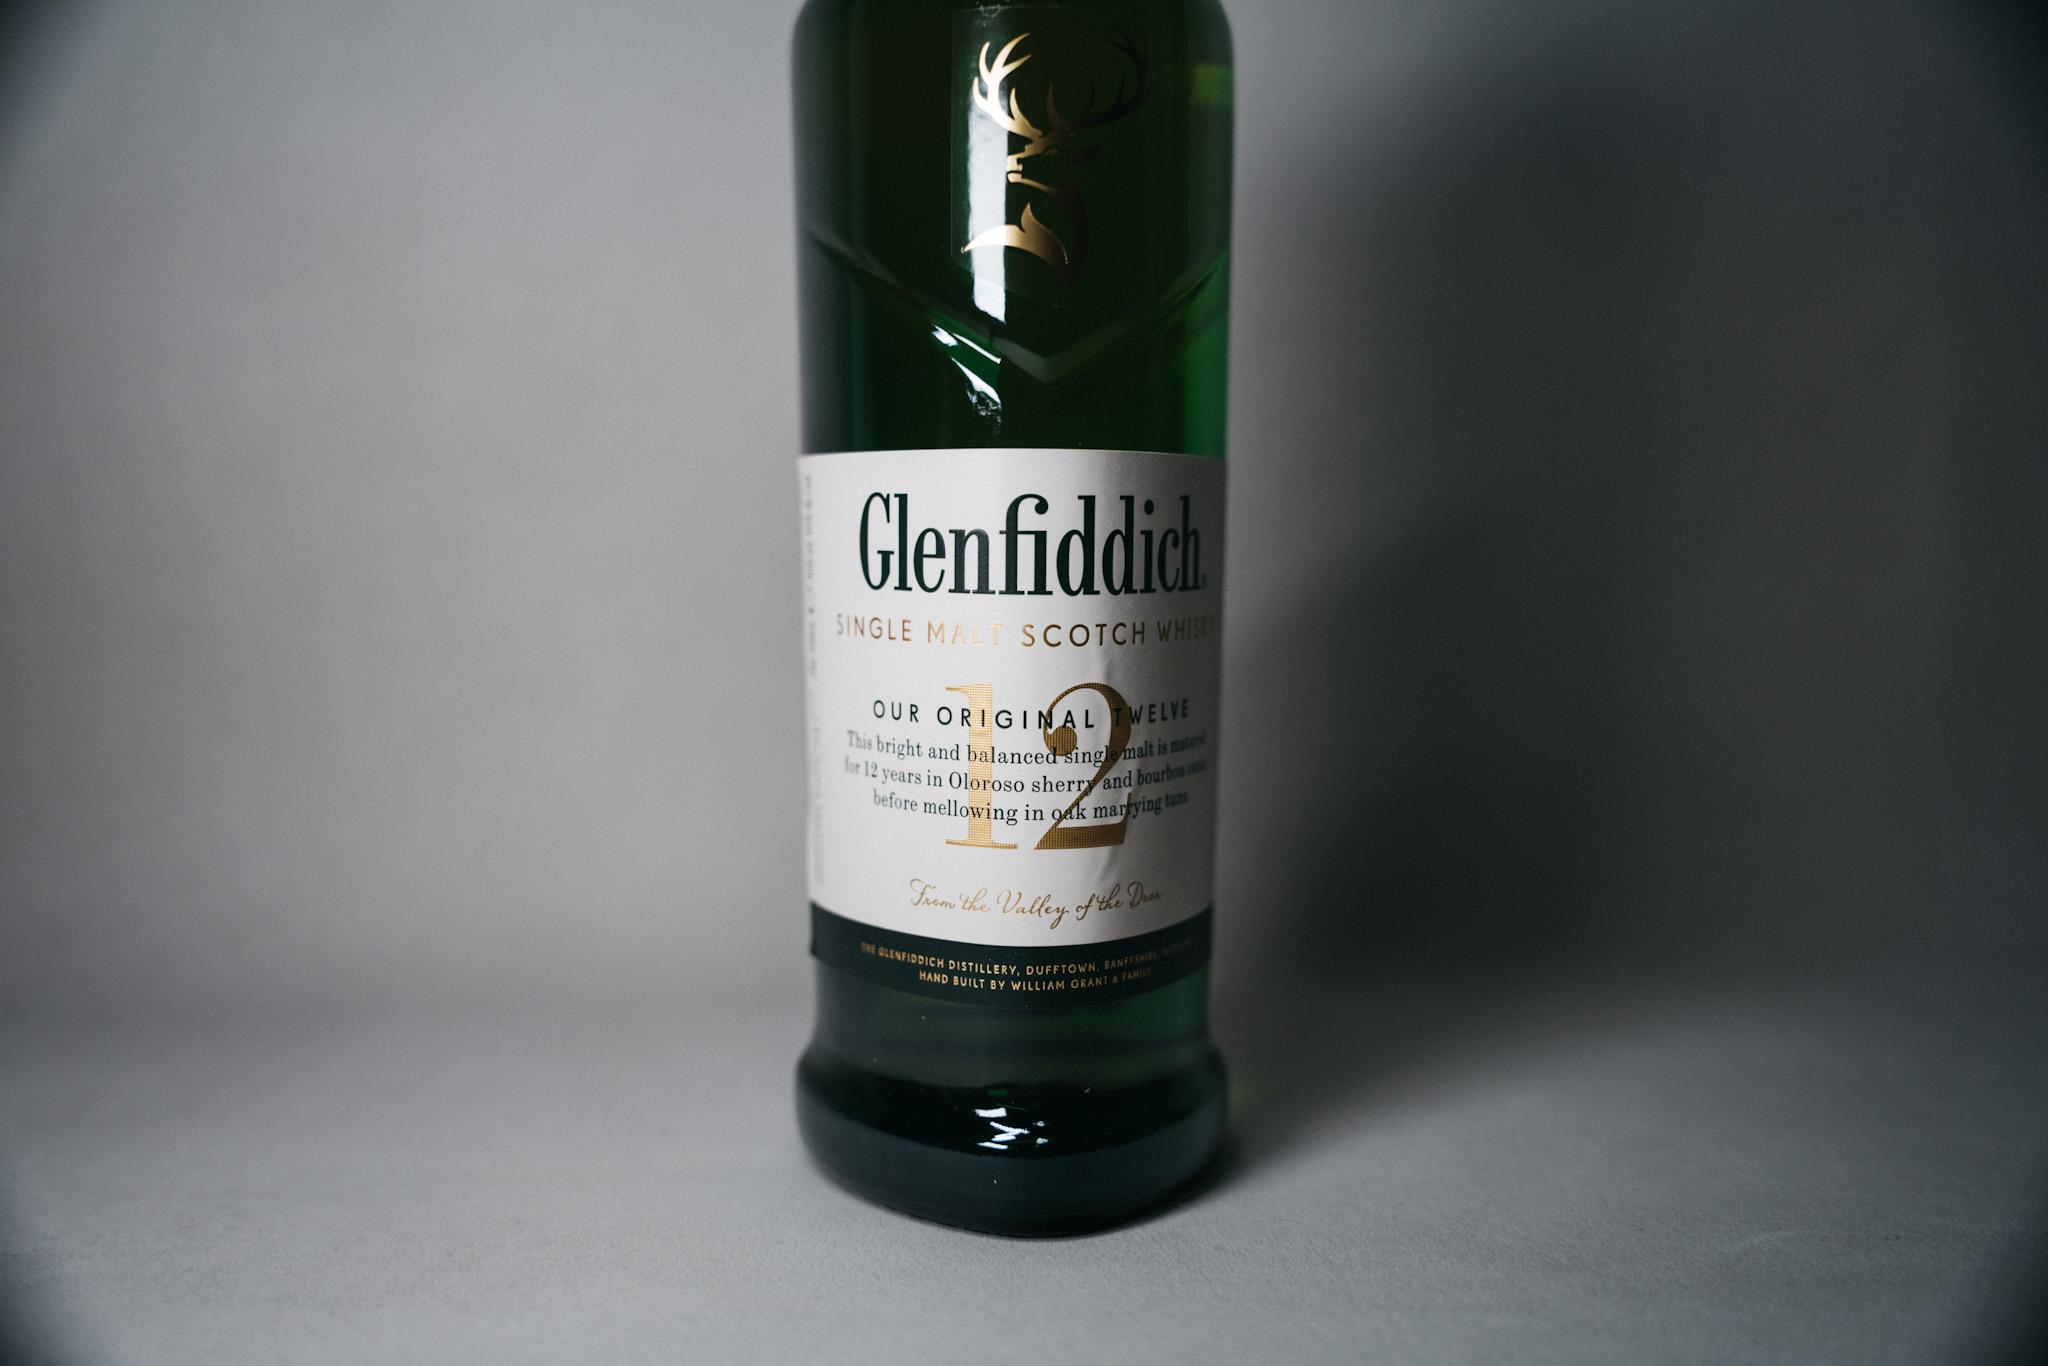 グレンフィディック12年は初心者から長く楽しめるウイスキー